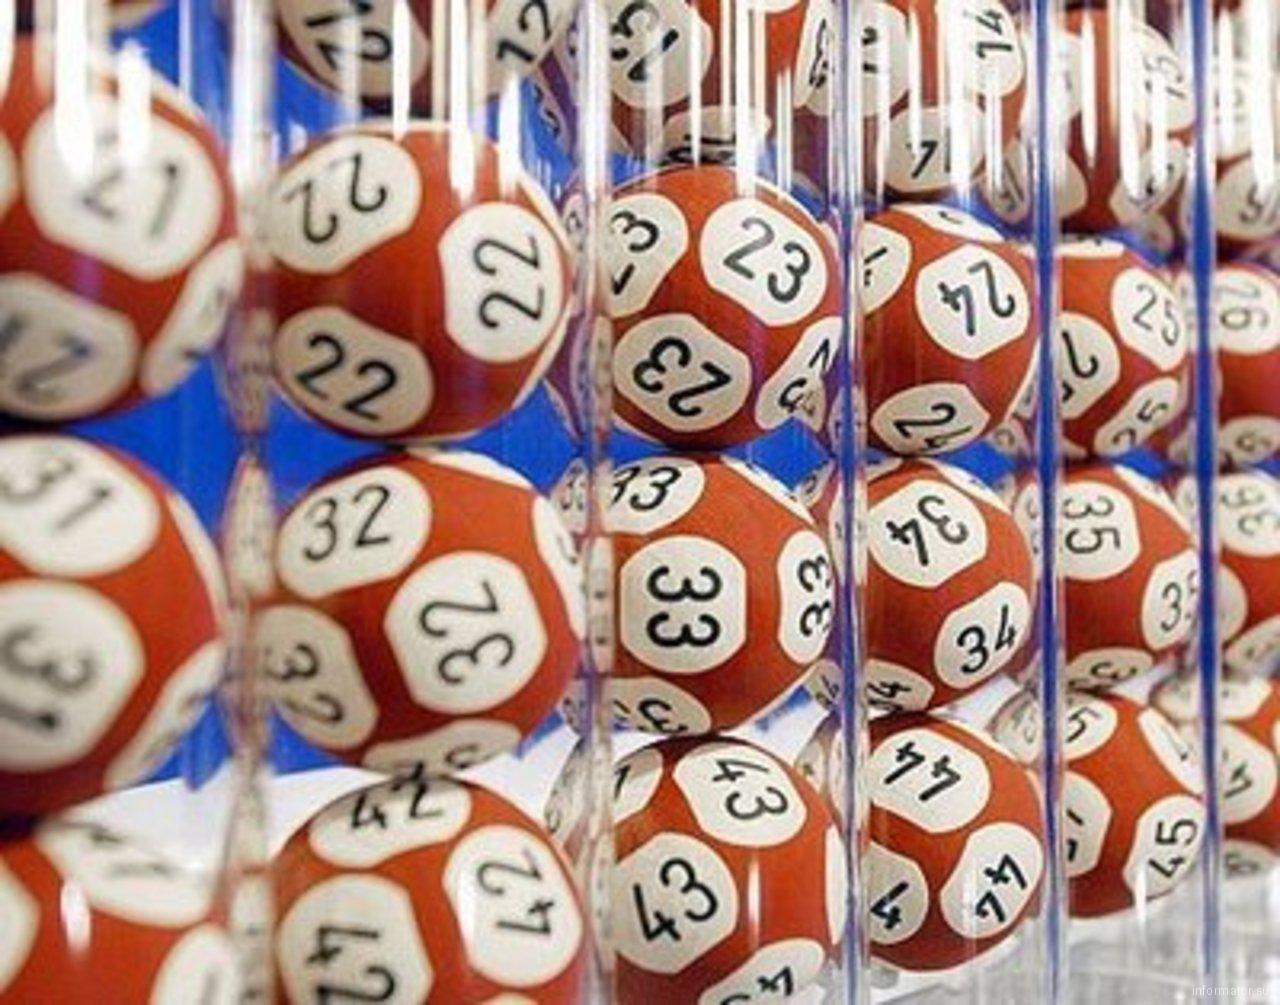 Выигравшей 500 млн руб. влотерею пенсионерке поступают угрозы